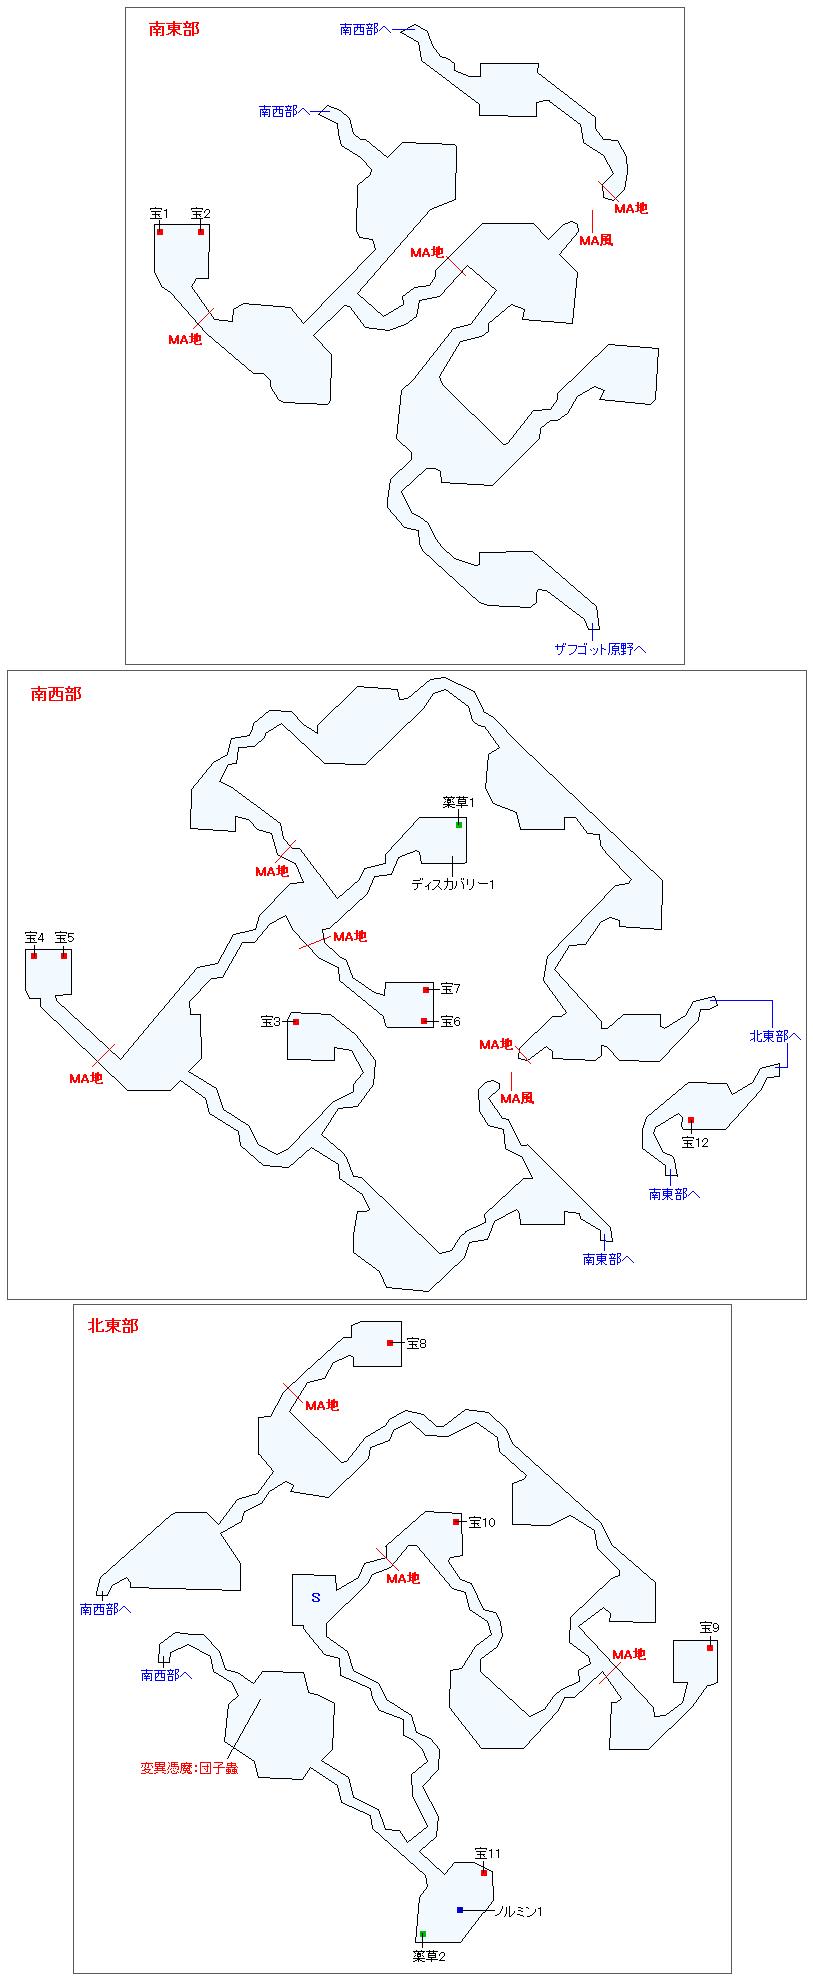 トリスイゾル洞マップ